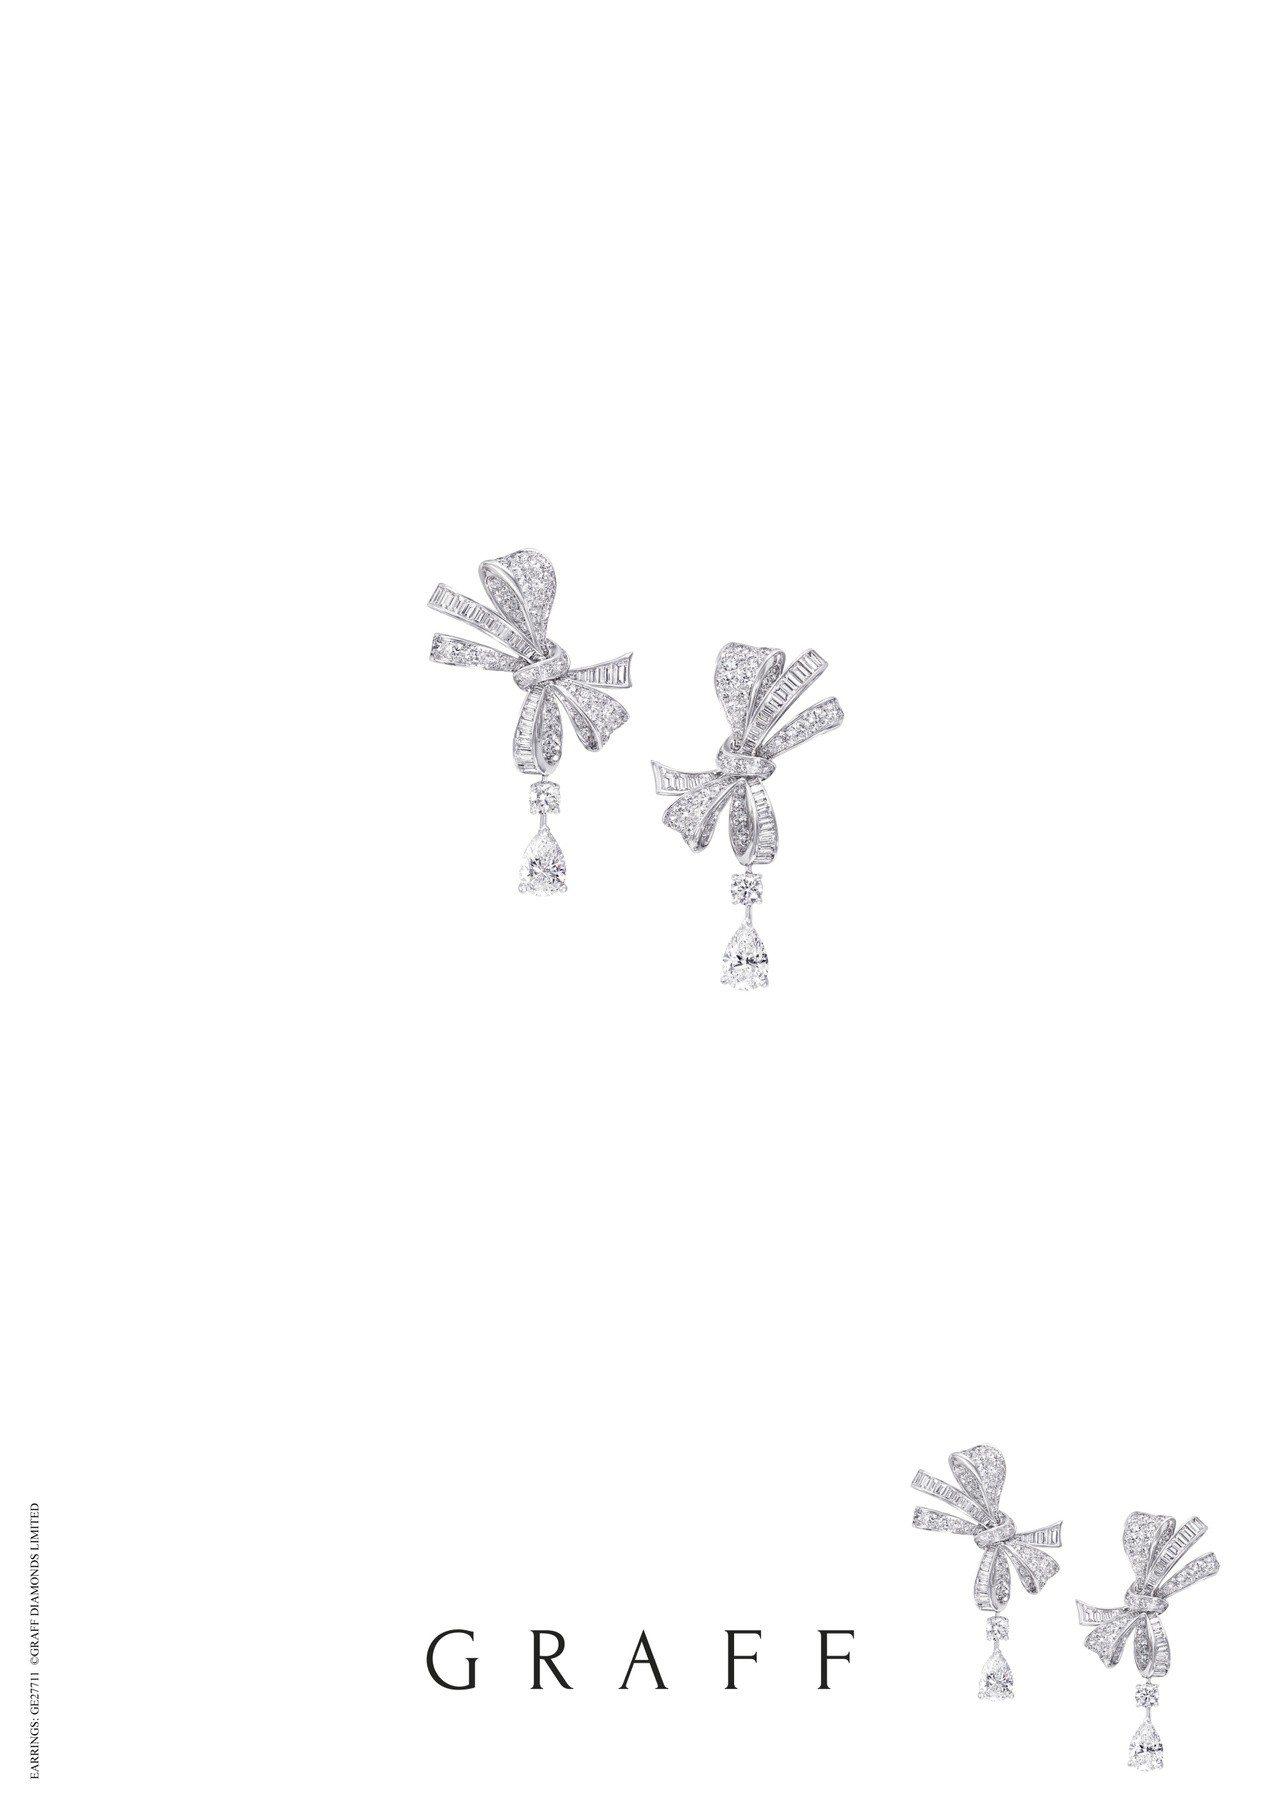 除了婚戒,經典的蝴蝶結系列鑽石珠寶也很適合搭配新娘禮服。圖/格拉夫提供